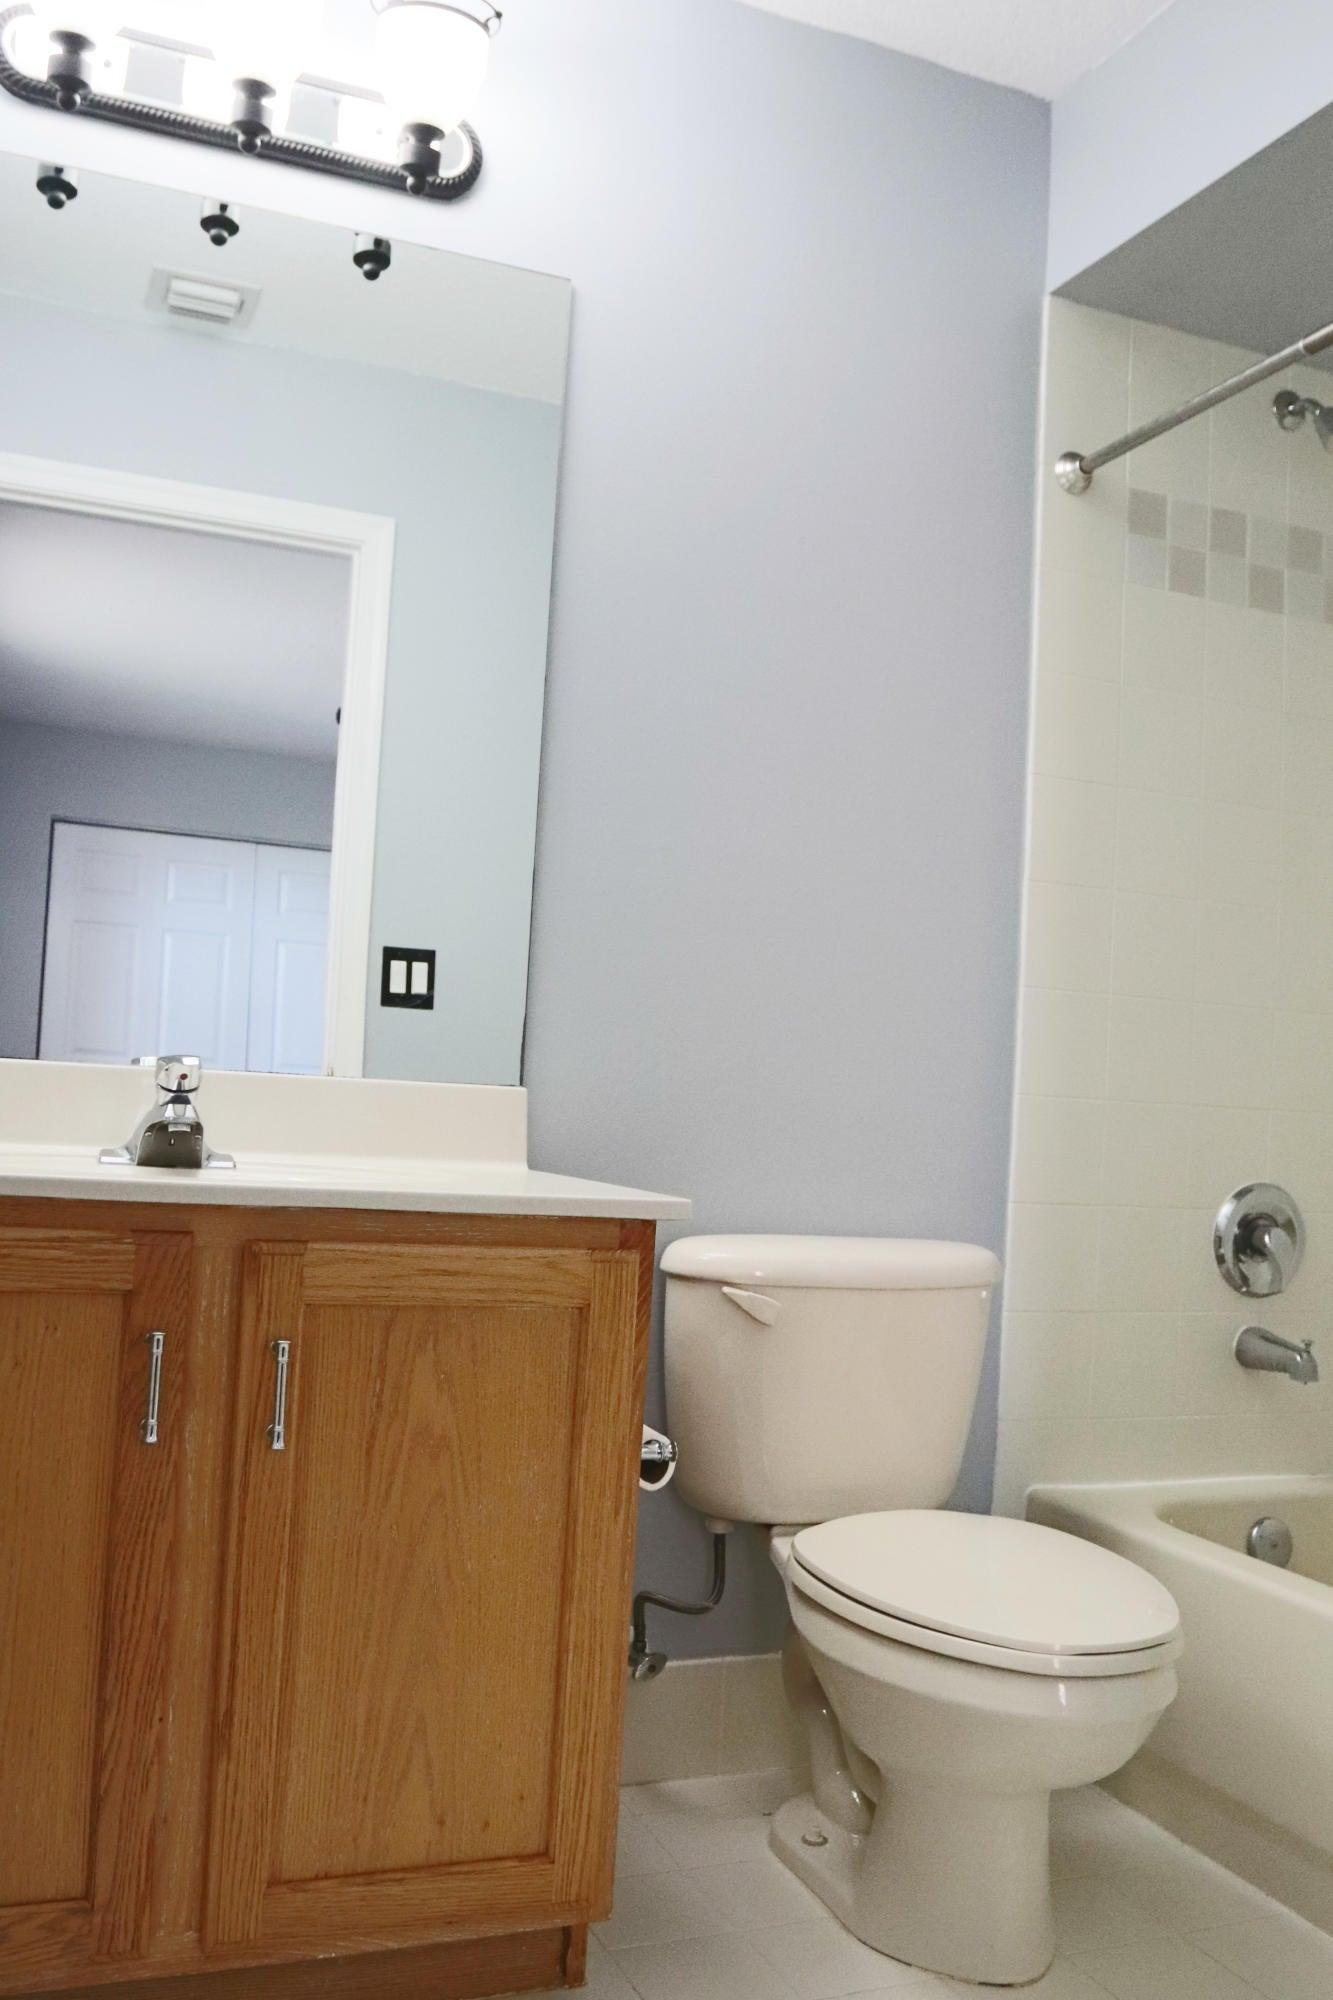 4th Bedroom Bathroom FULL ensuite